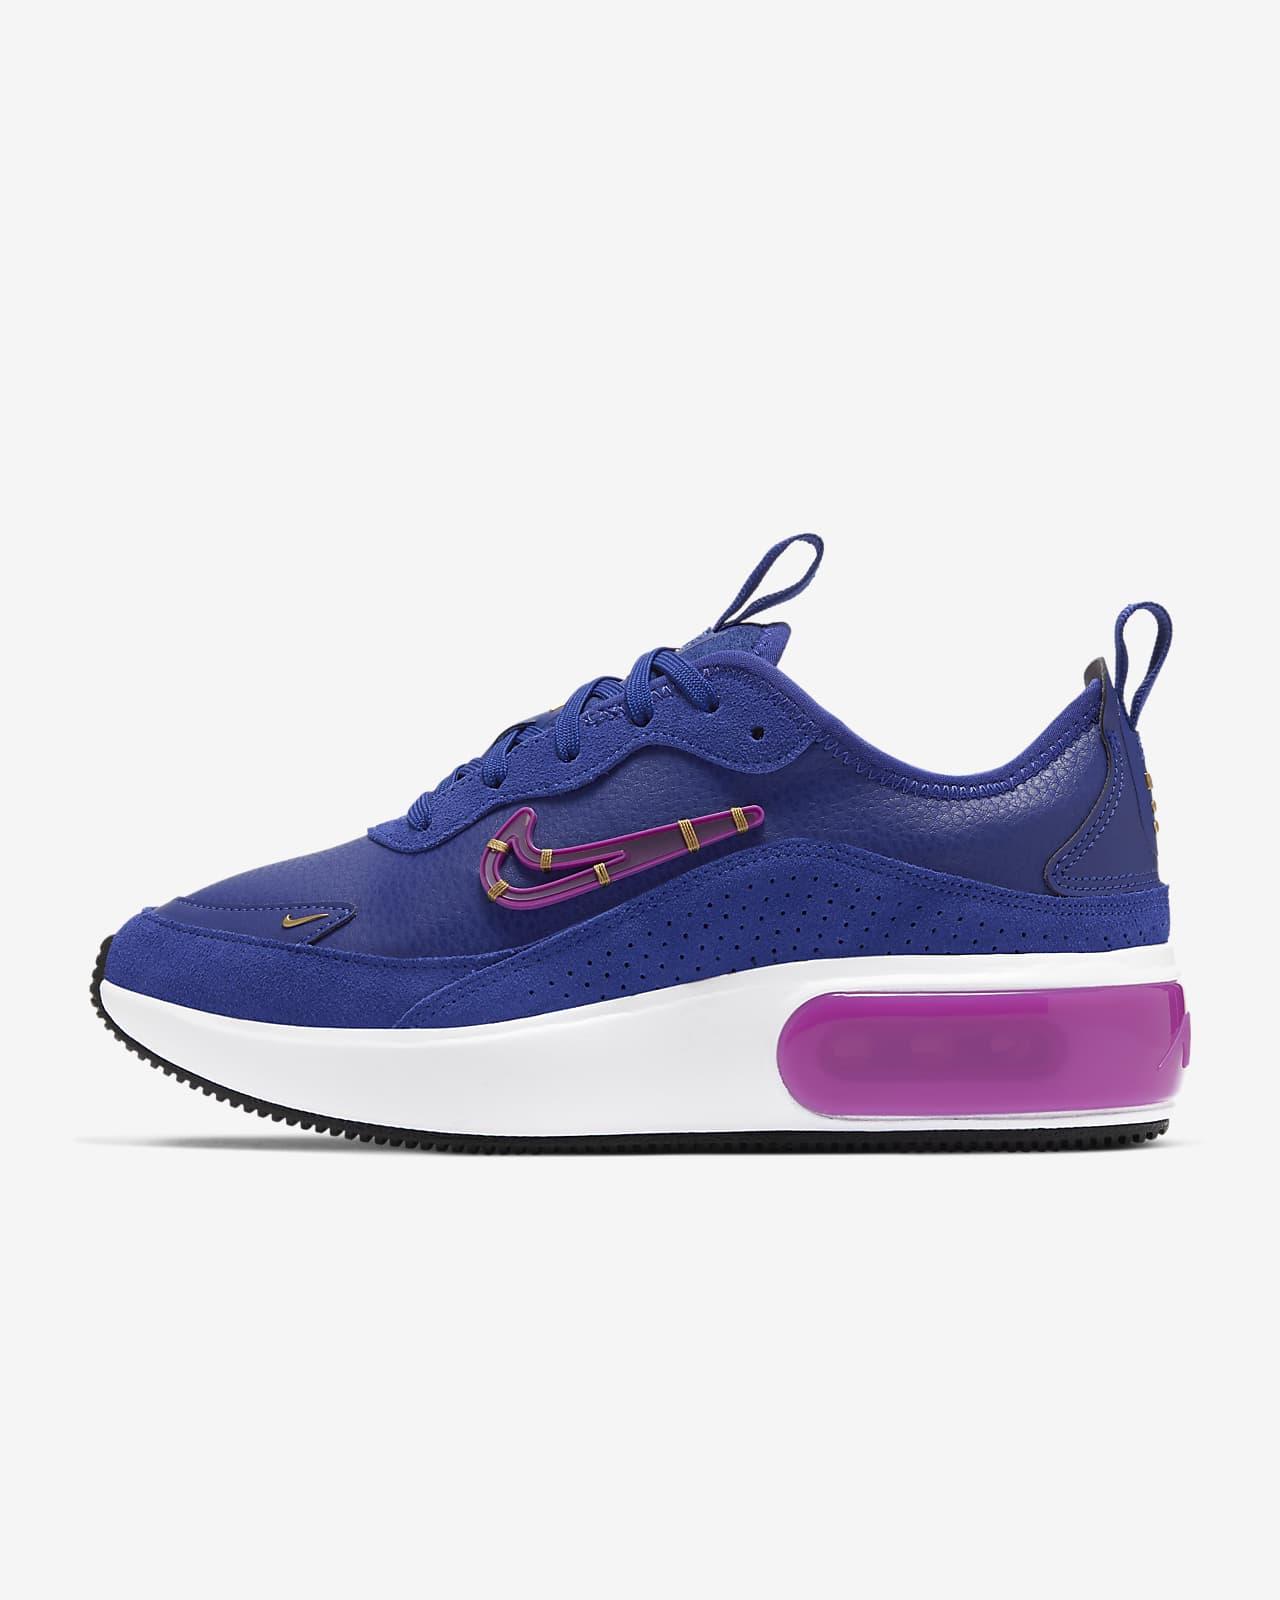 รองเท้าผู้หญิง Nike Air Max Dia SE